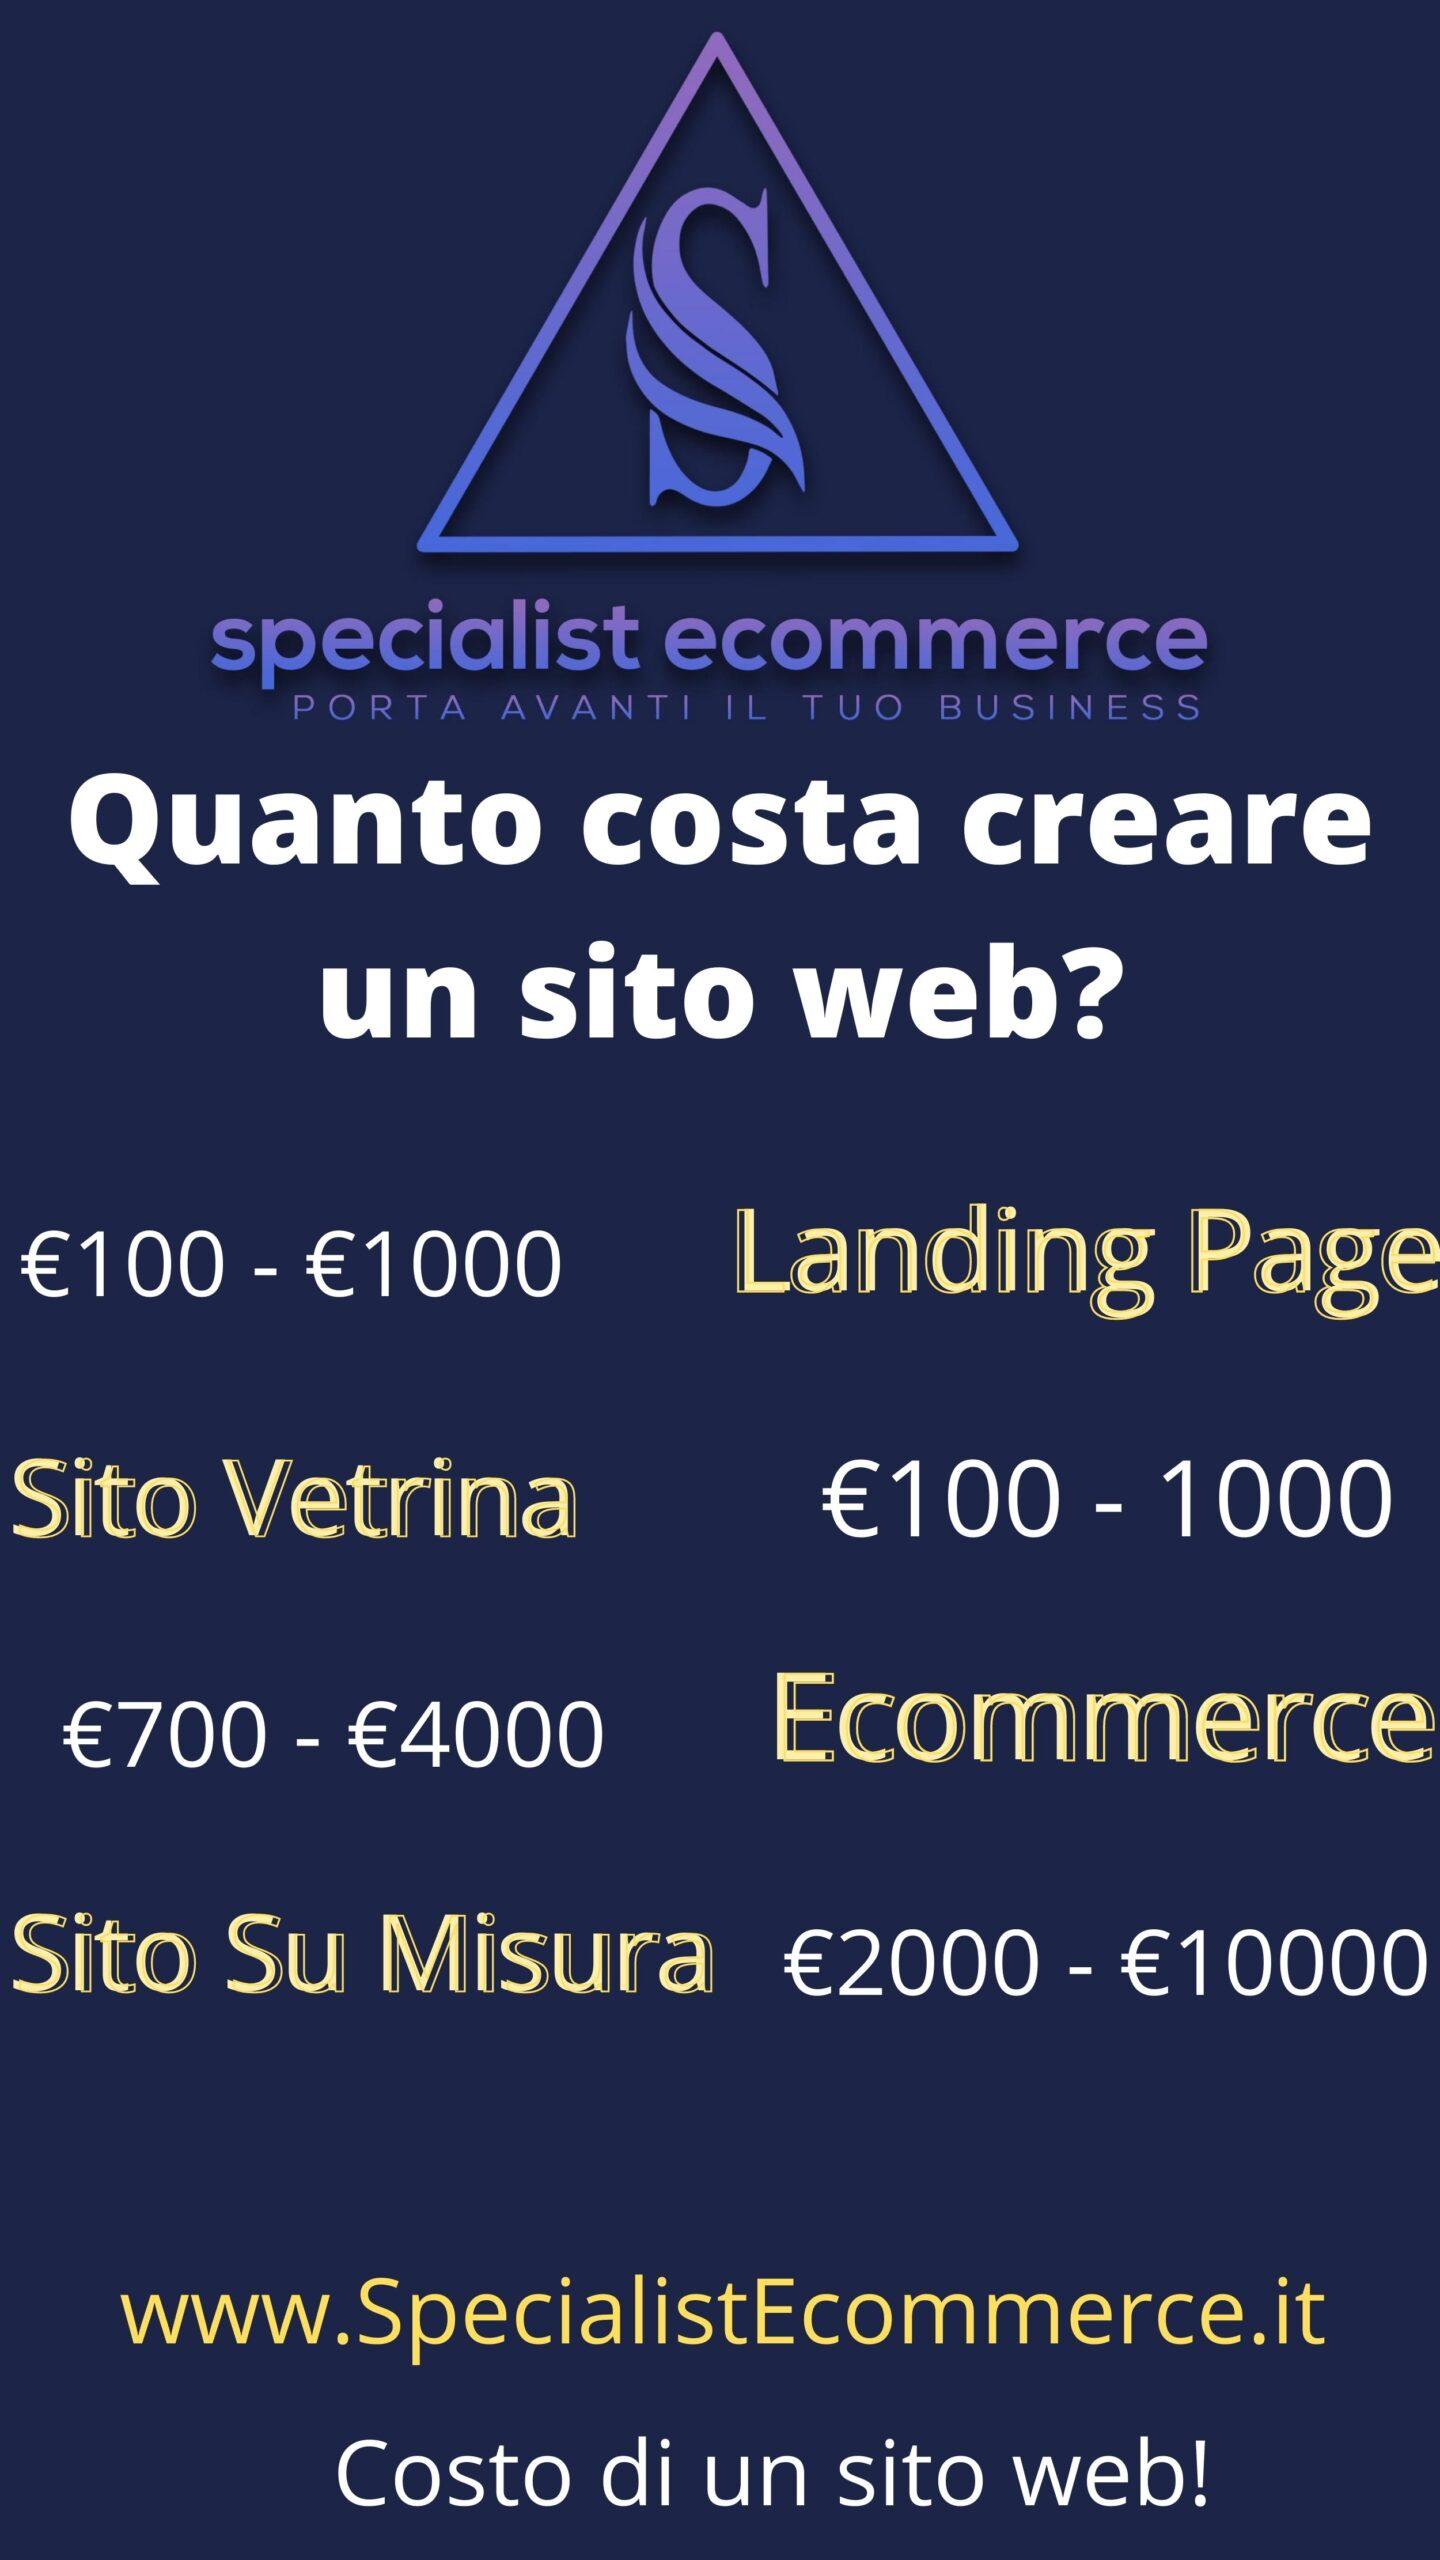 Quanto costa creare un sito web